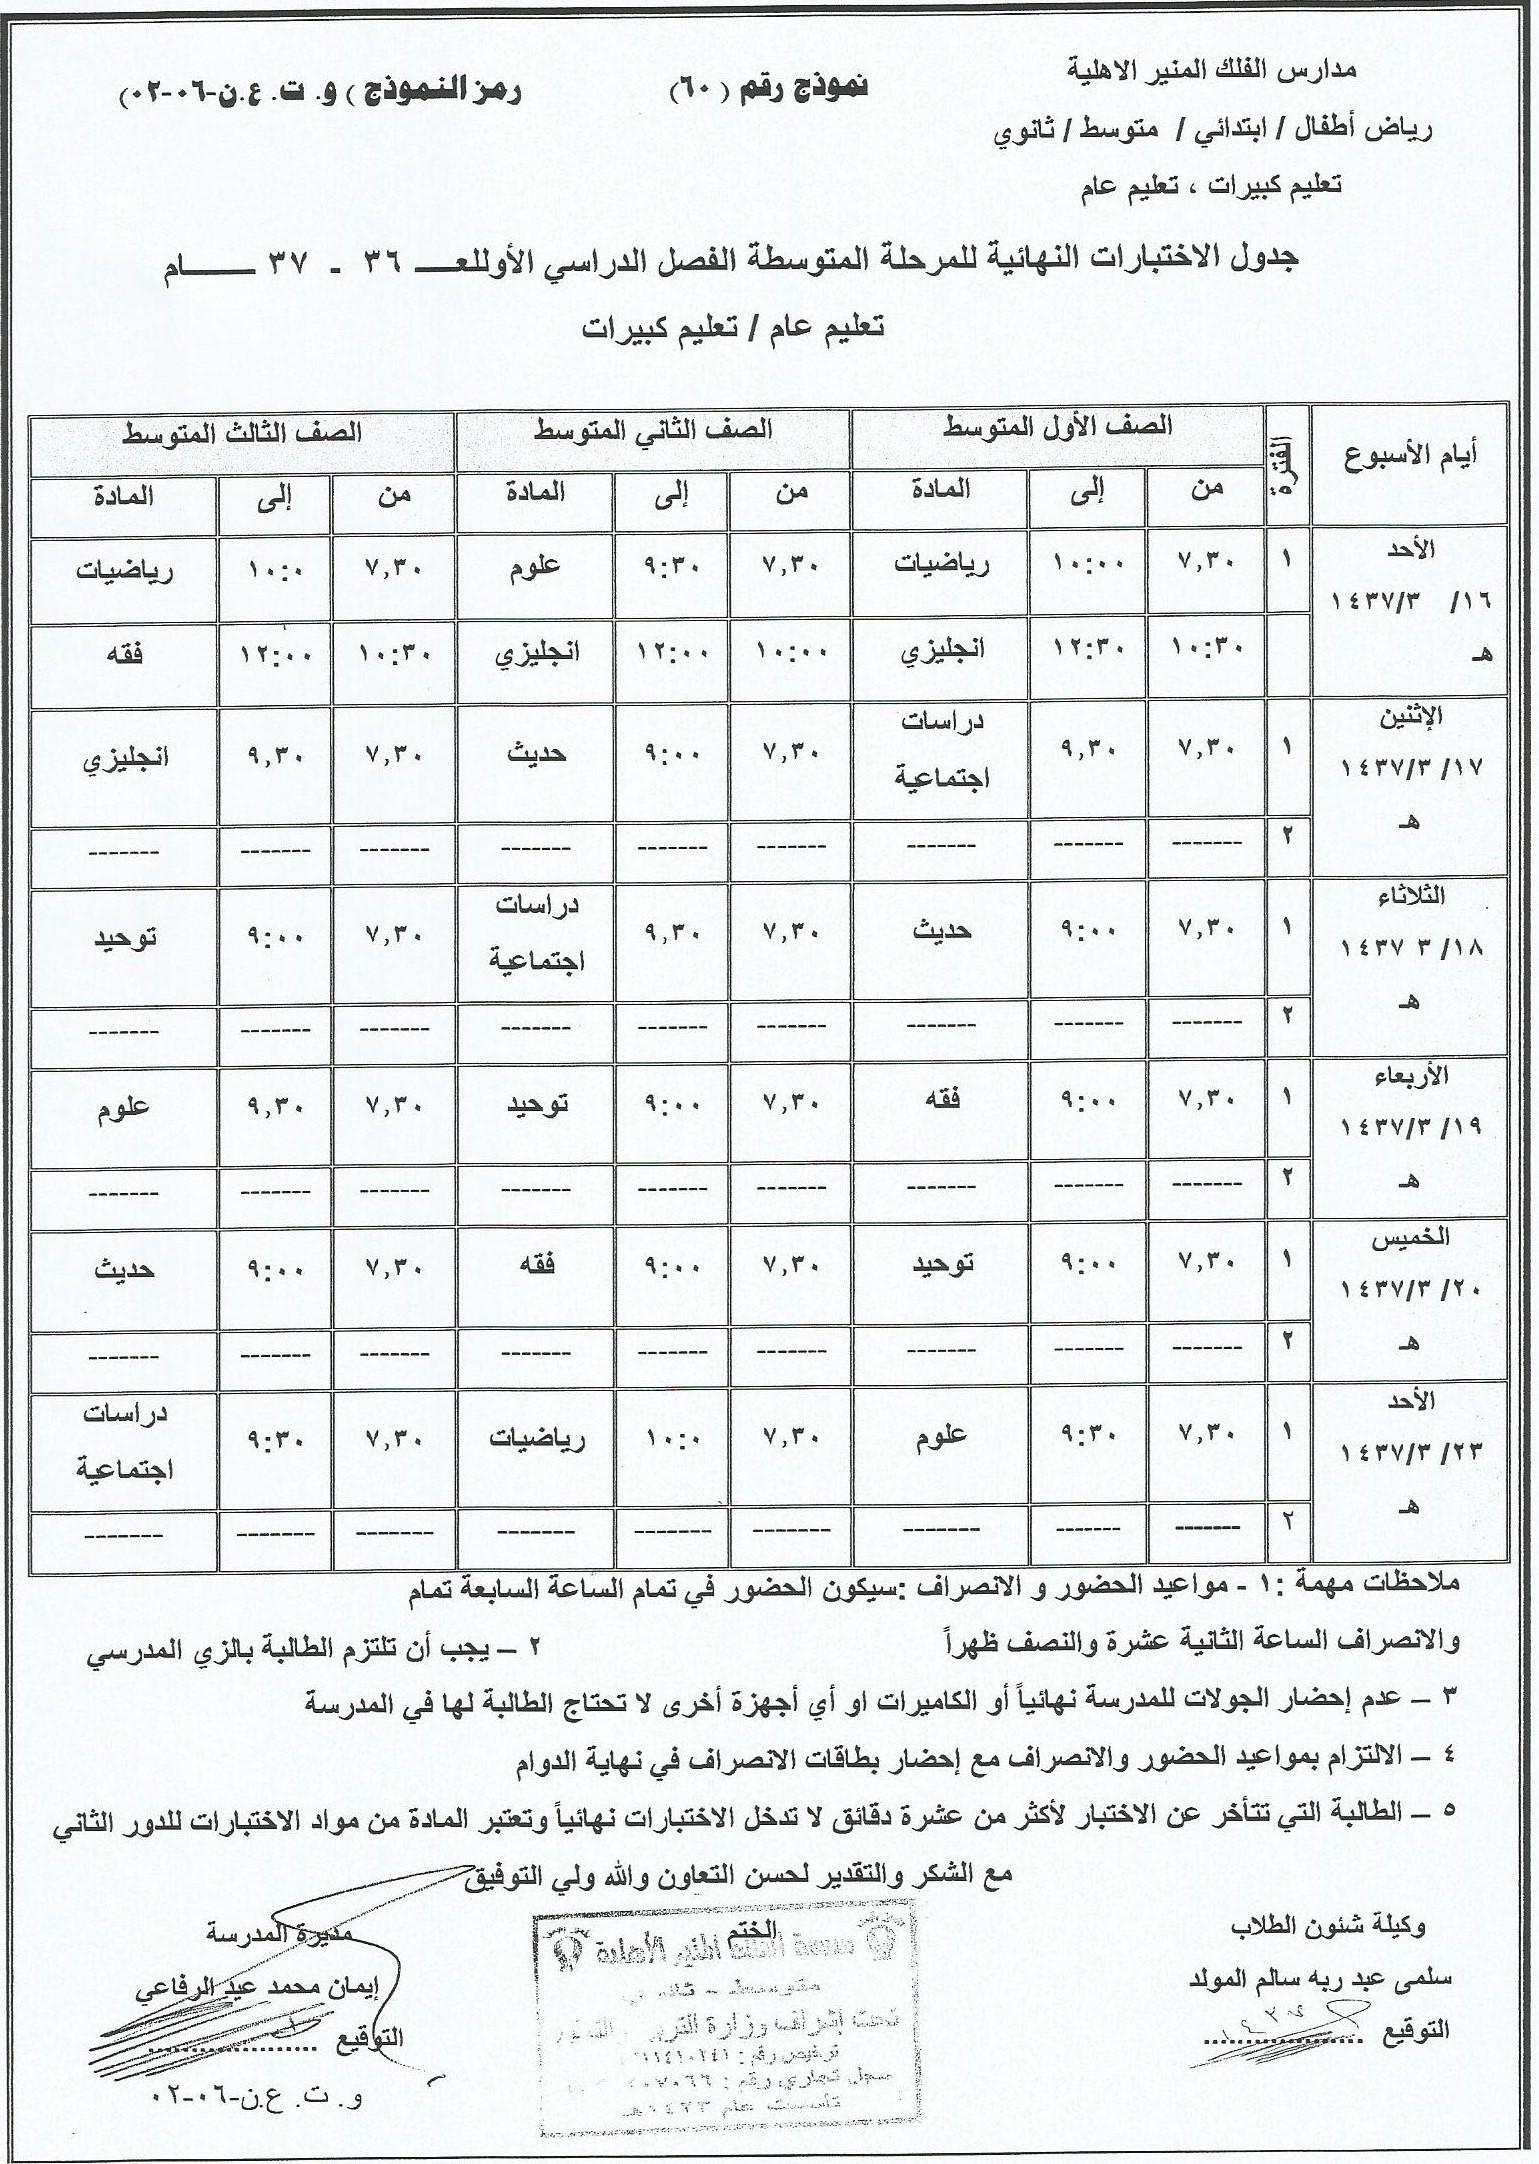 جدول الأختبارات النهائية لعــ1436-1437ــام للمراحل المتوسطة والثانوية